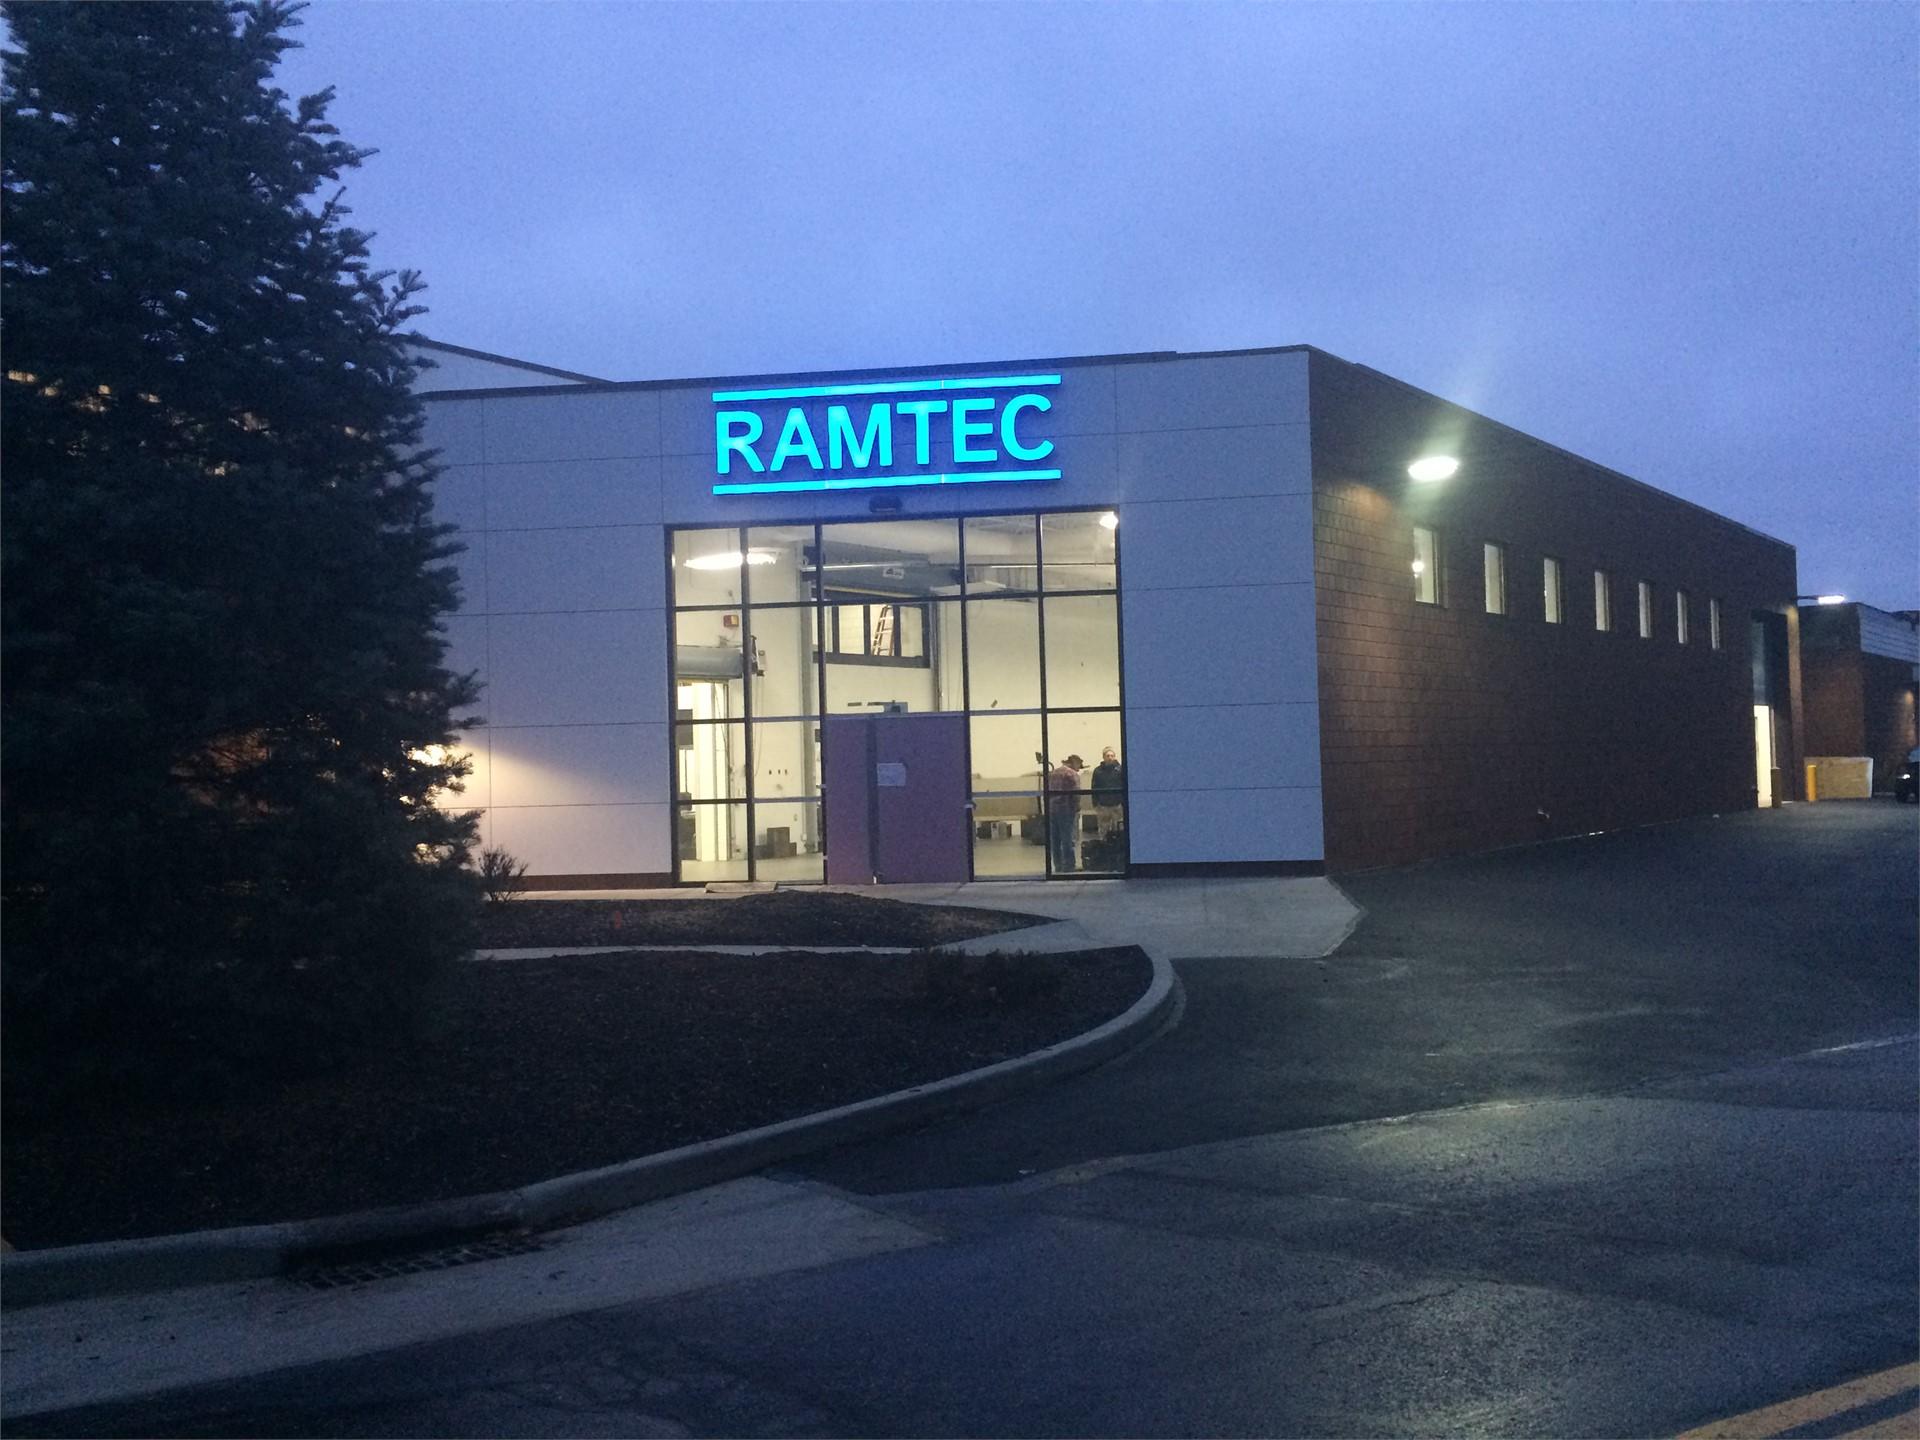 RAMTEC image